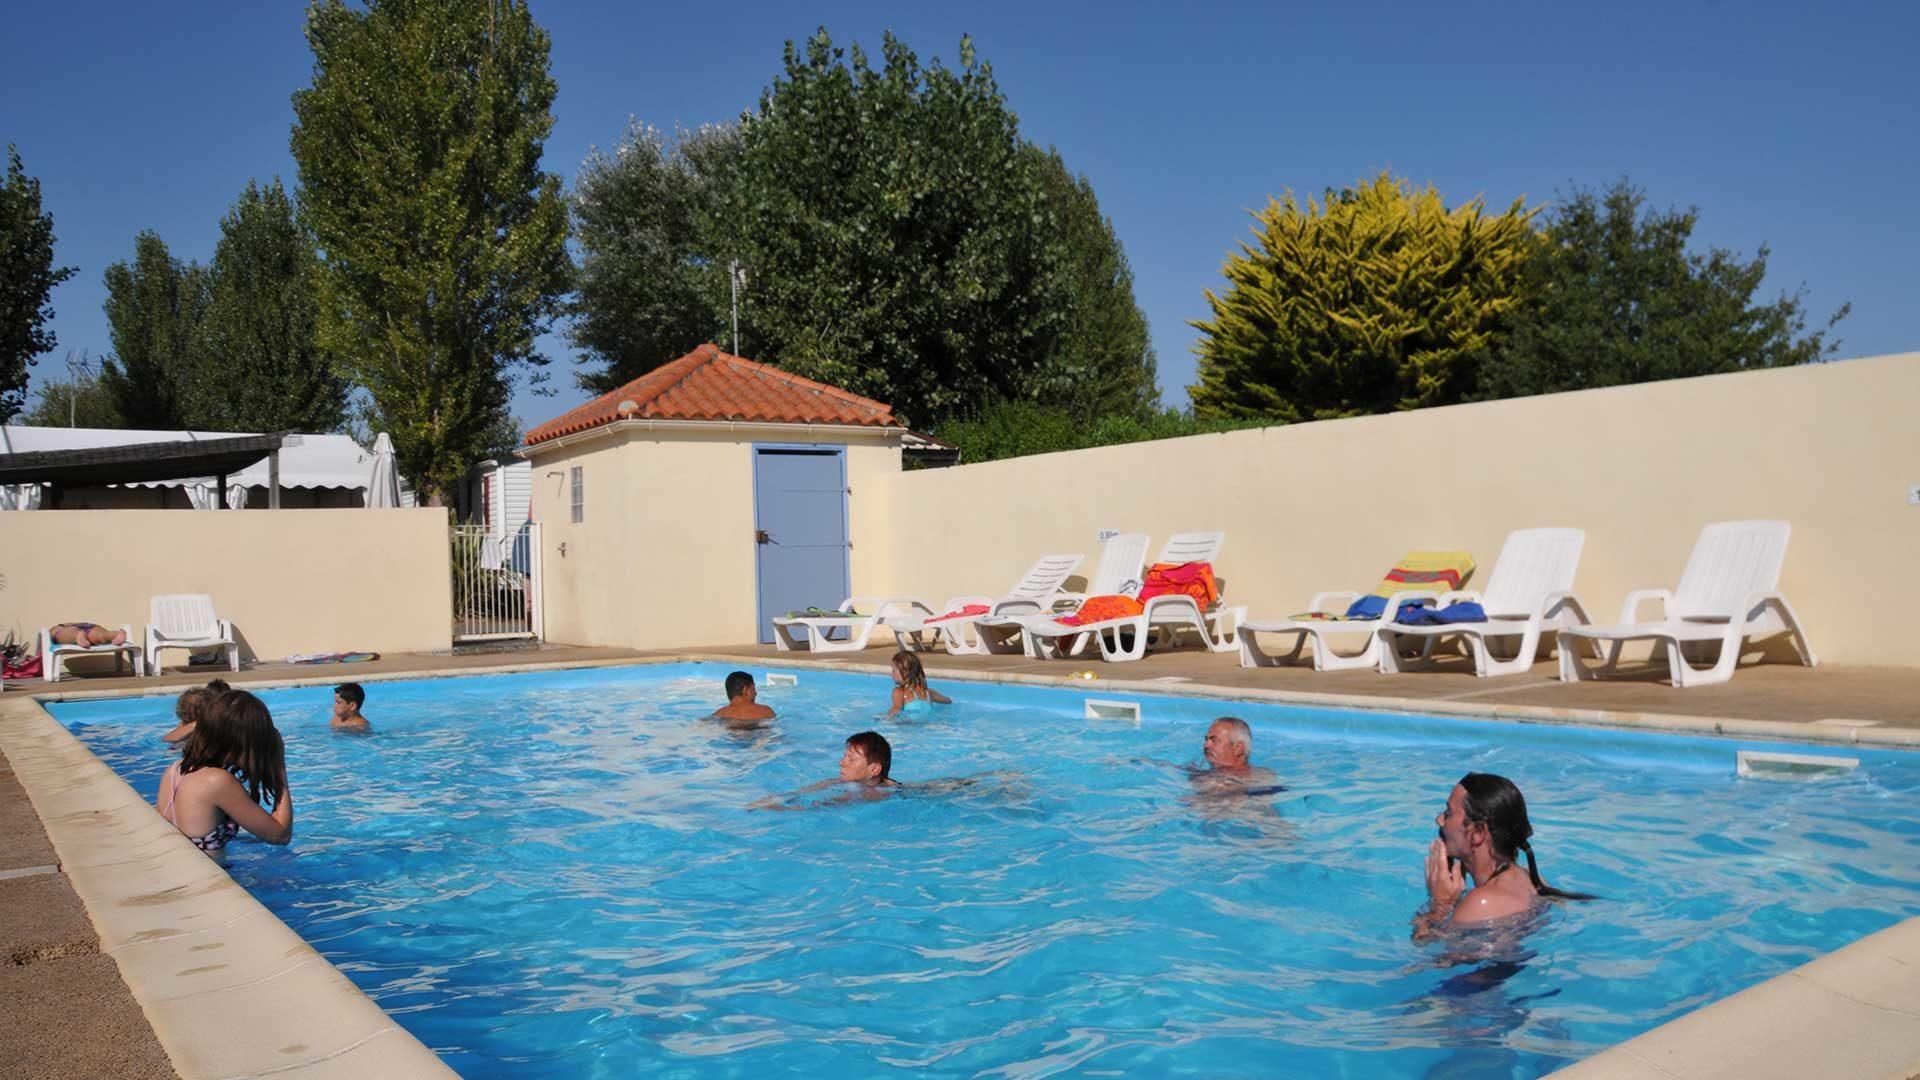 la piscine couverte et chauffée du camping